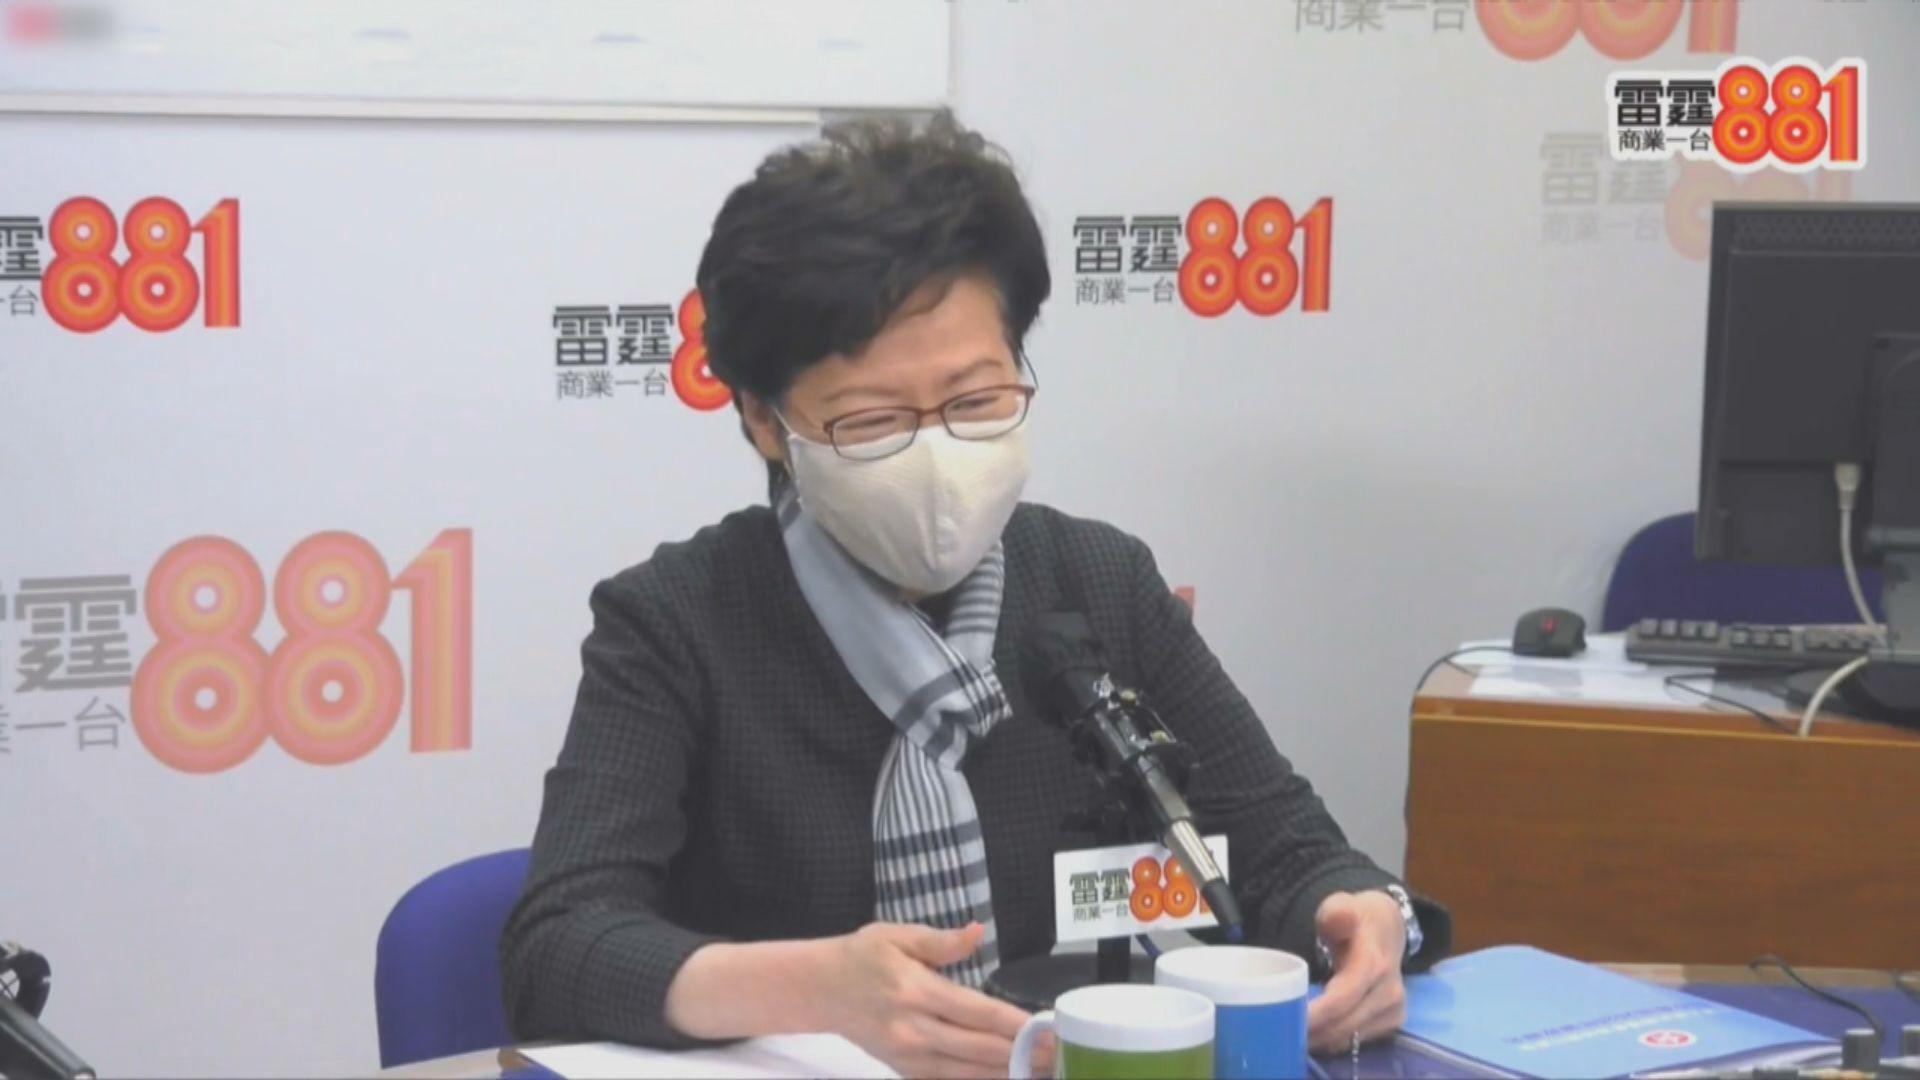 內地專家建議香港盡早展開全民檢測 林鄭︰強用內地抗疫手法或引反效果